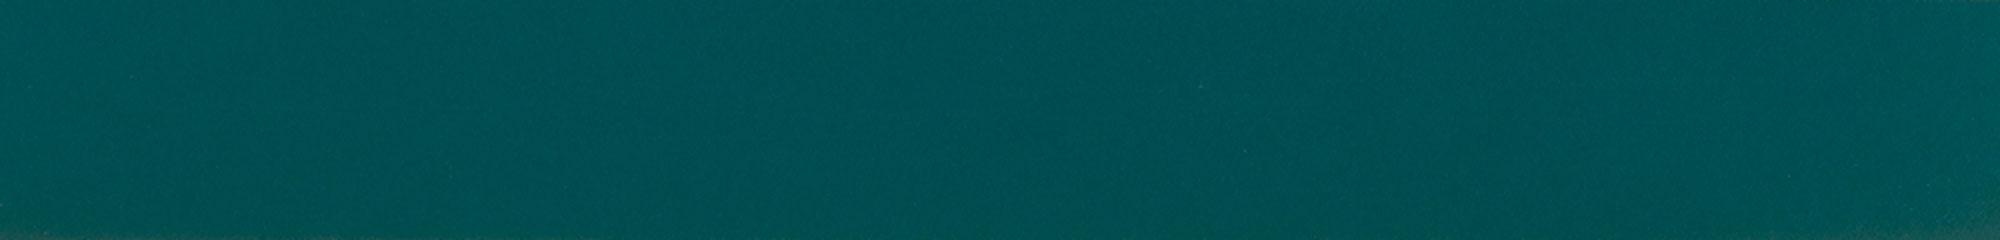 Smeraldo 3